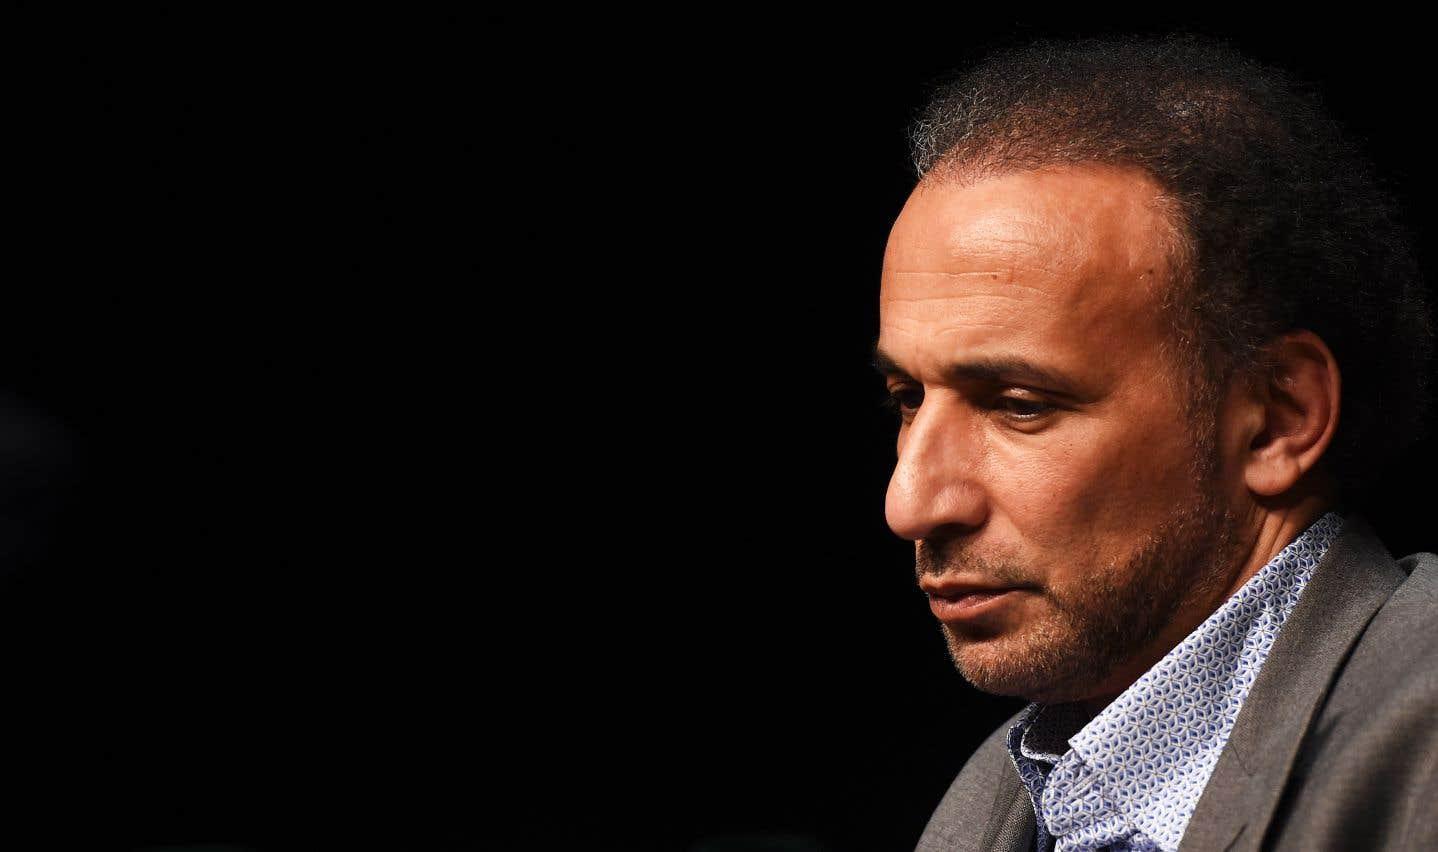 Le théologien Tariq Ramadan est notamment le petit-fils du fondateur de la confrérie égyptienne islamiste des Frères musulmans.